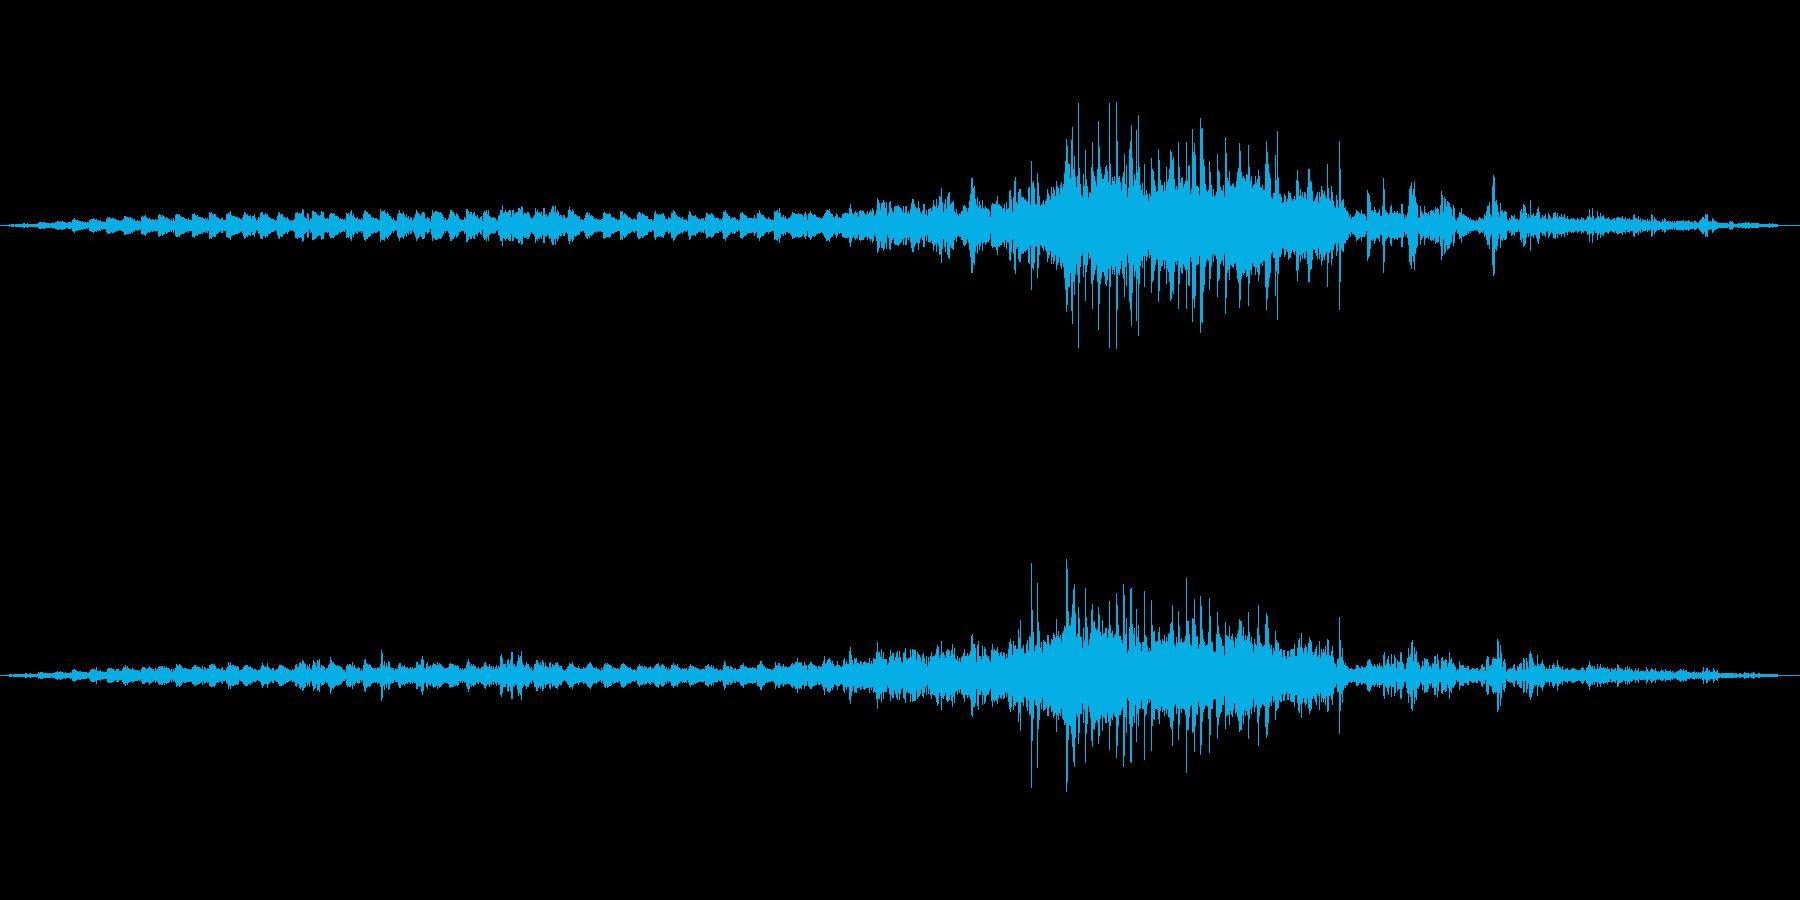 【環境音】踏切の音(川崎大師)の再生済みの波形